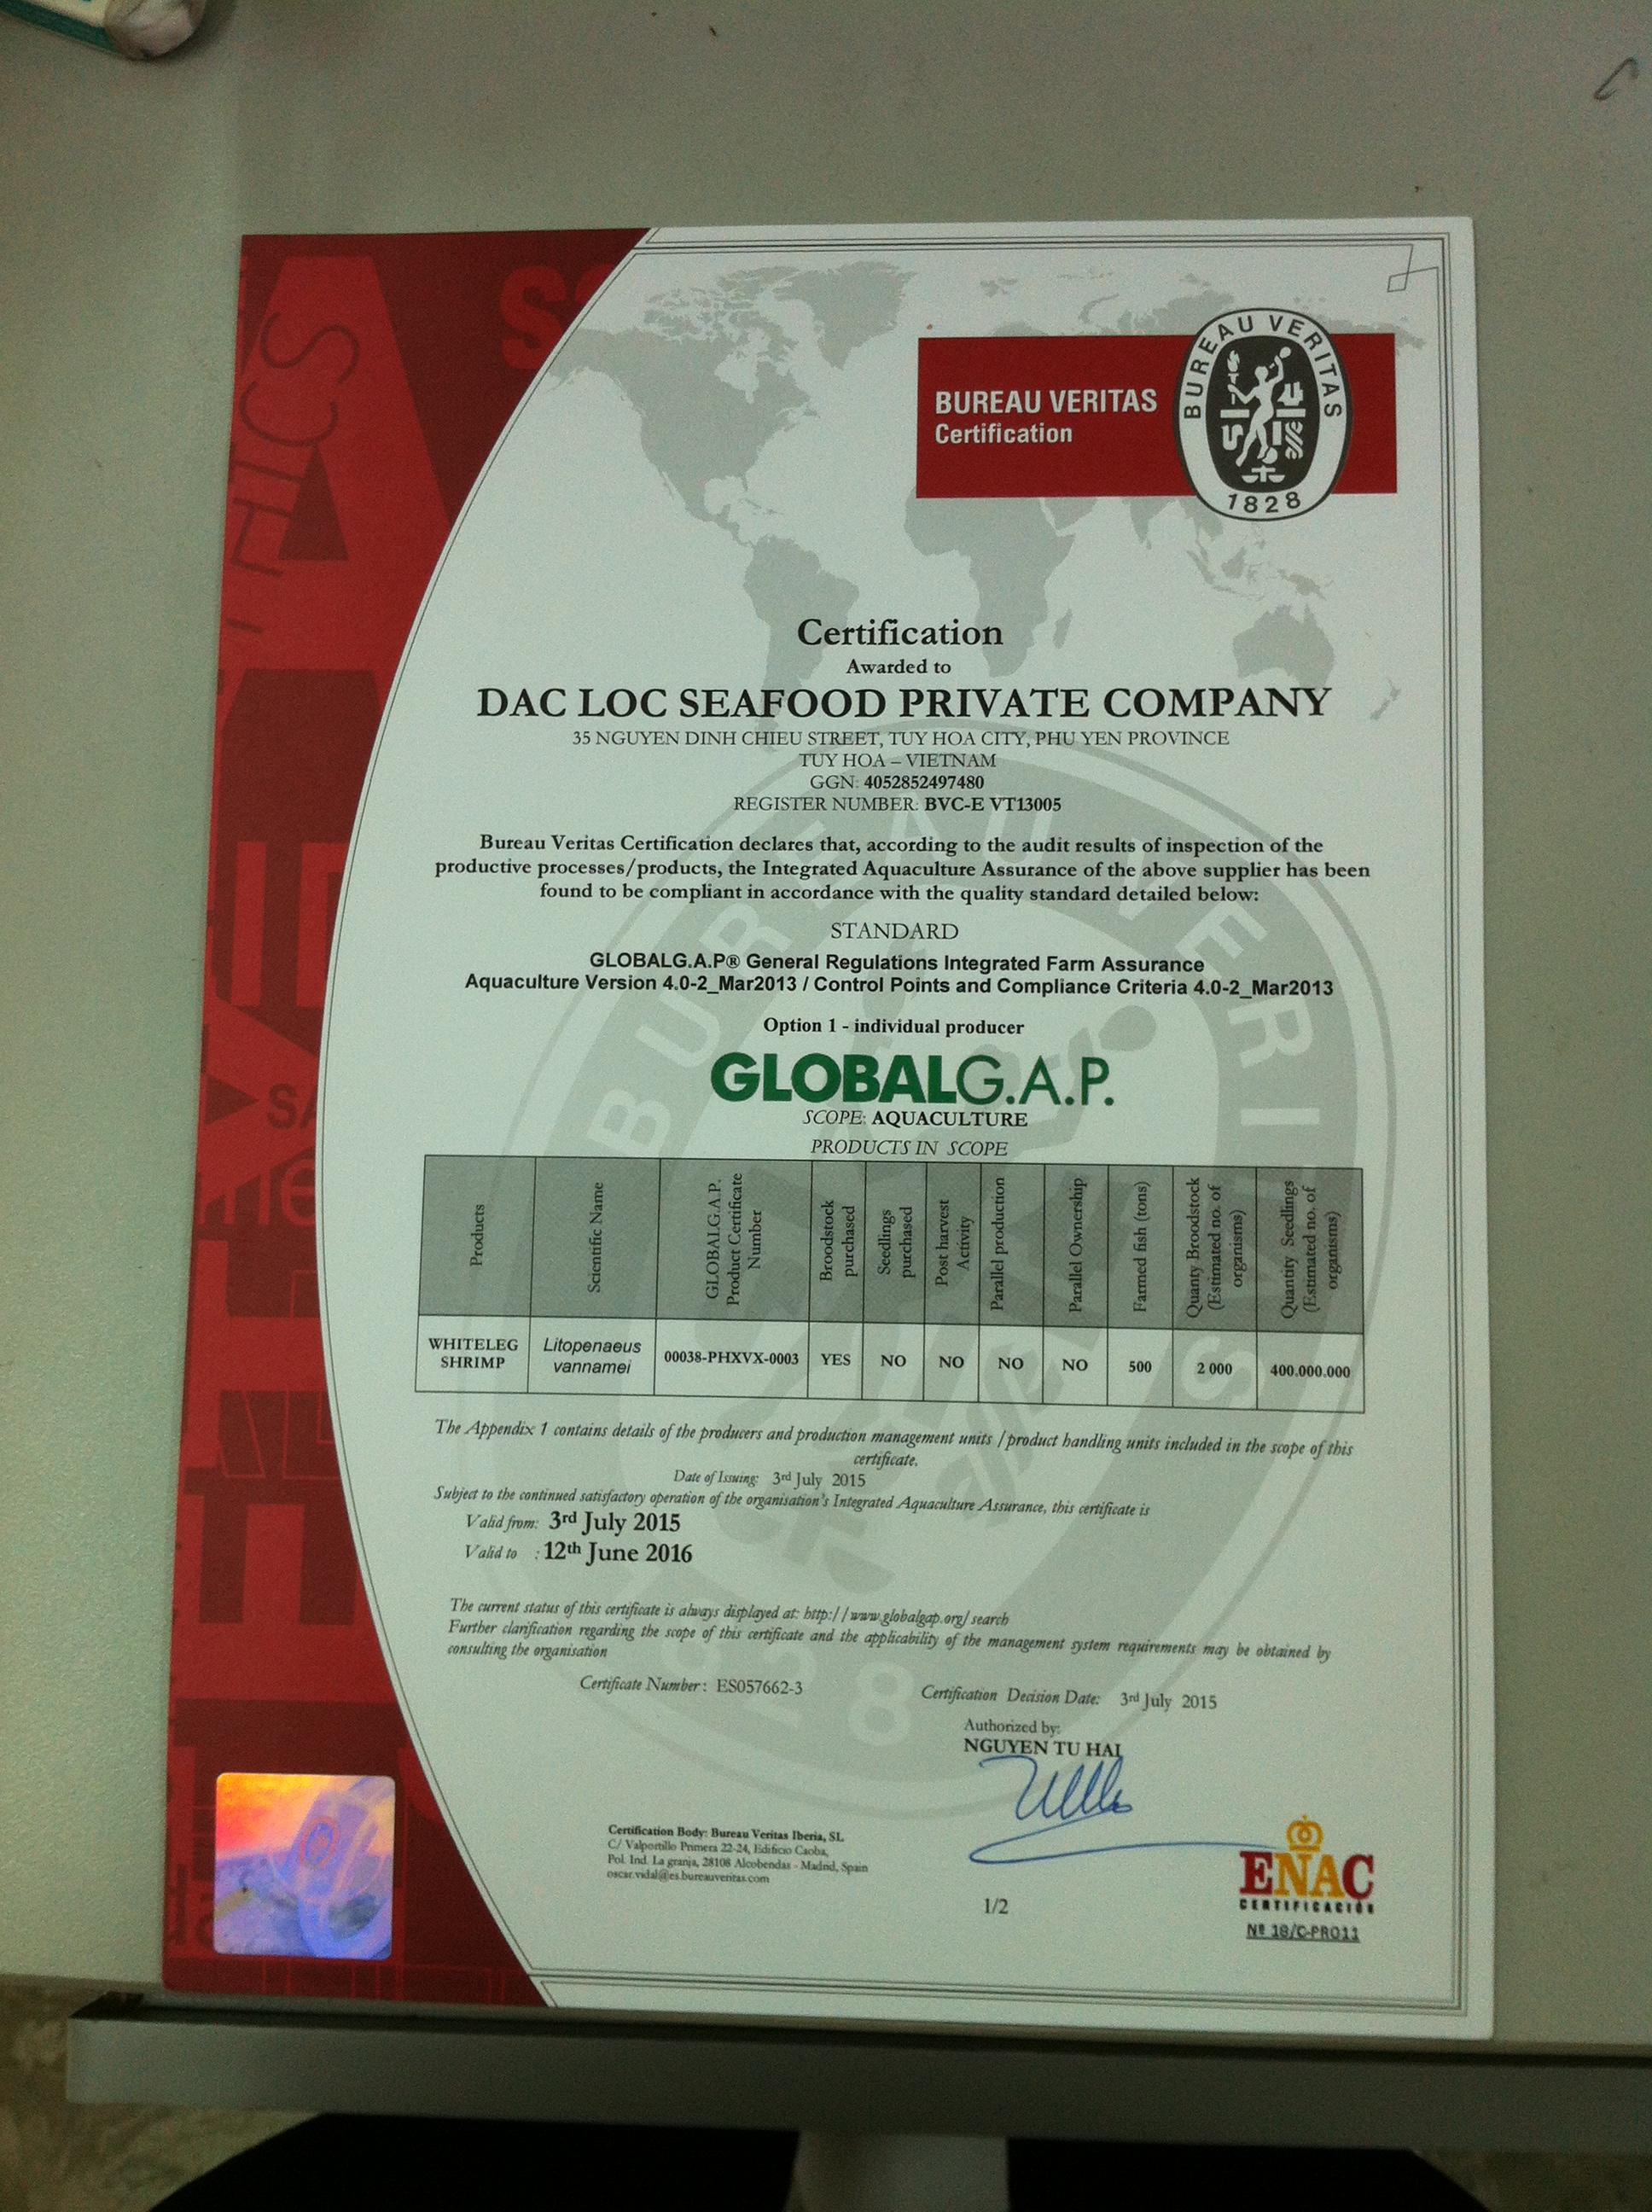 Chứng nhận GLOBAL G.A.P.